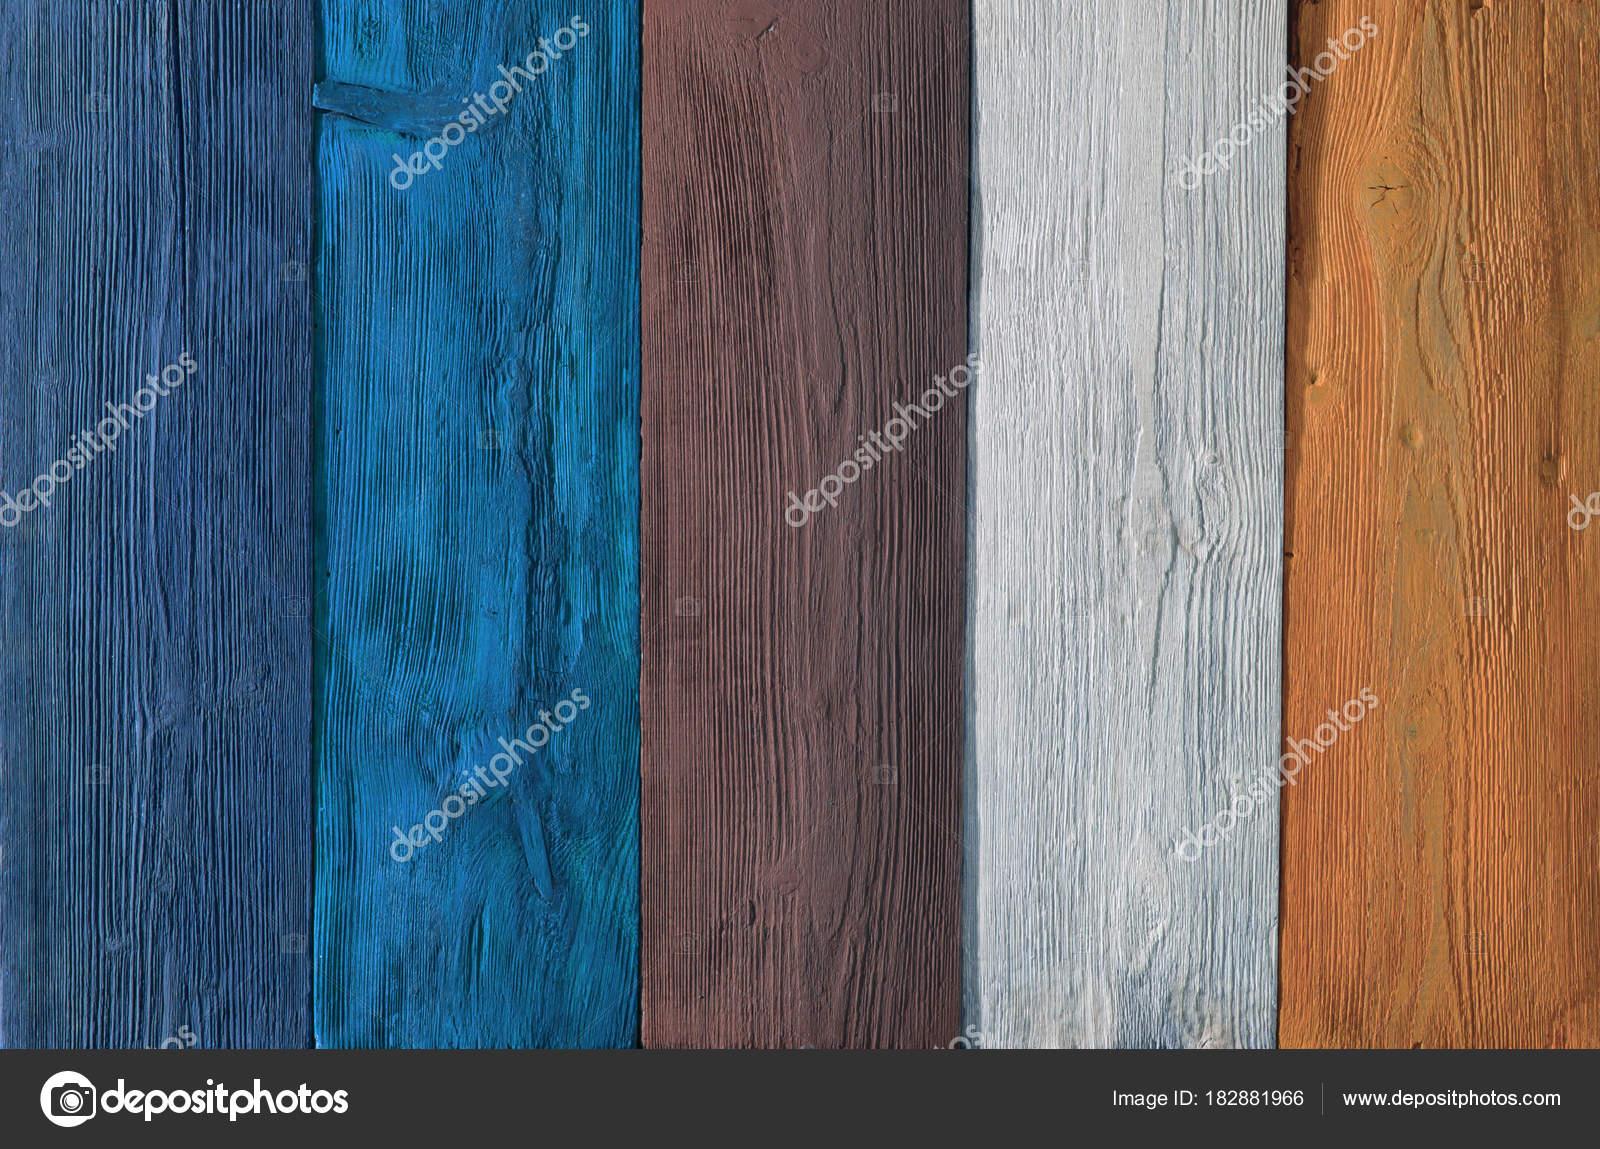 holz hintergrund farben, bunte holzbohlen textur, bunte holz